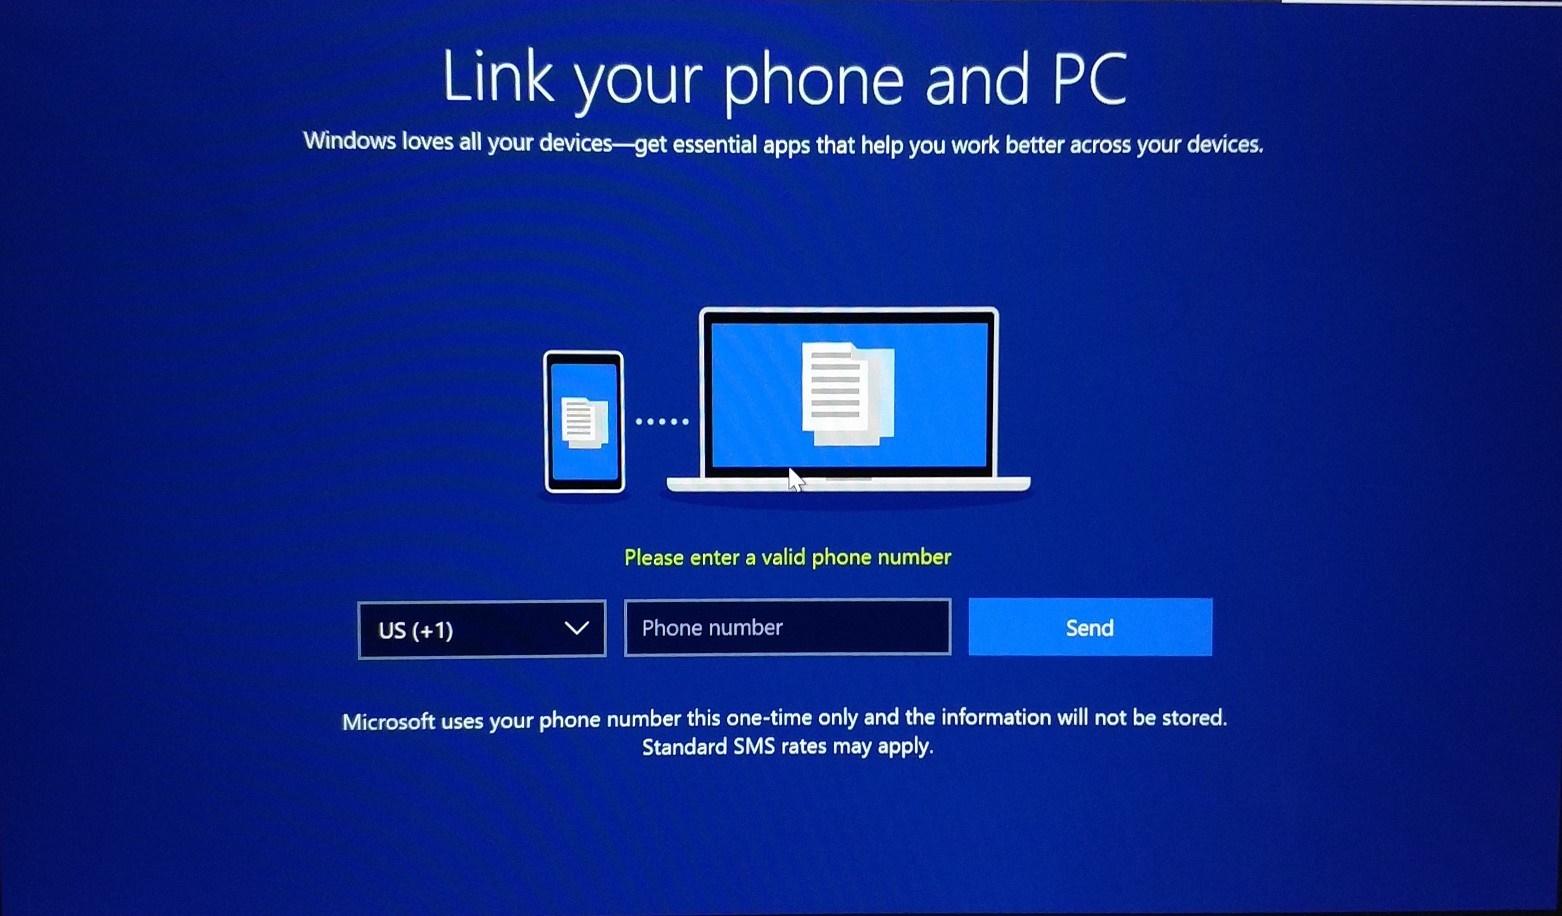 اجبار به واردکردن شماره موبایل هنگام آپدیت جدید ویندوز ۱۰